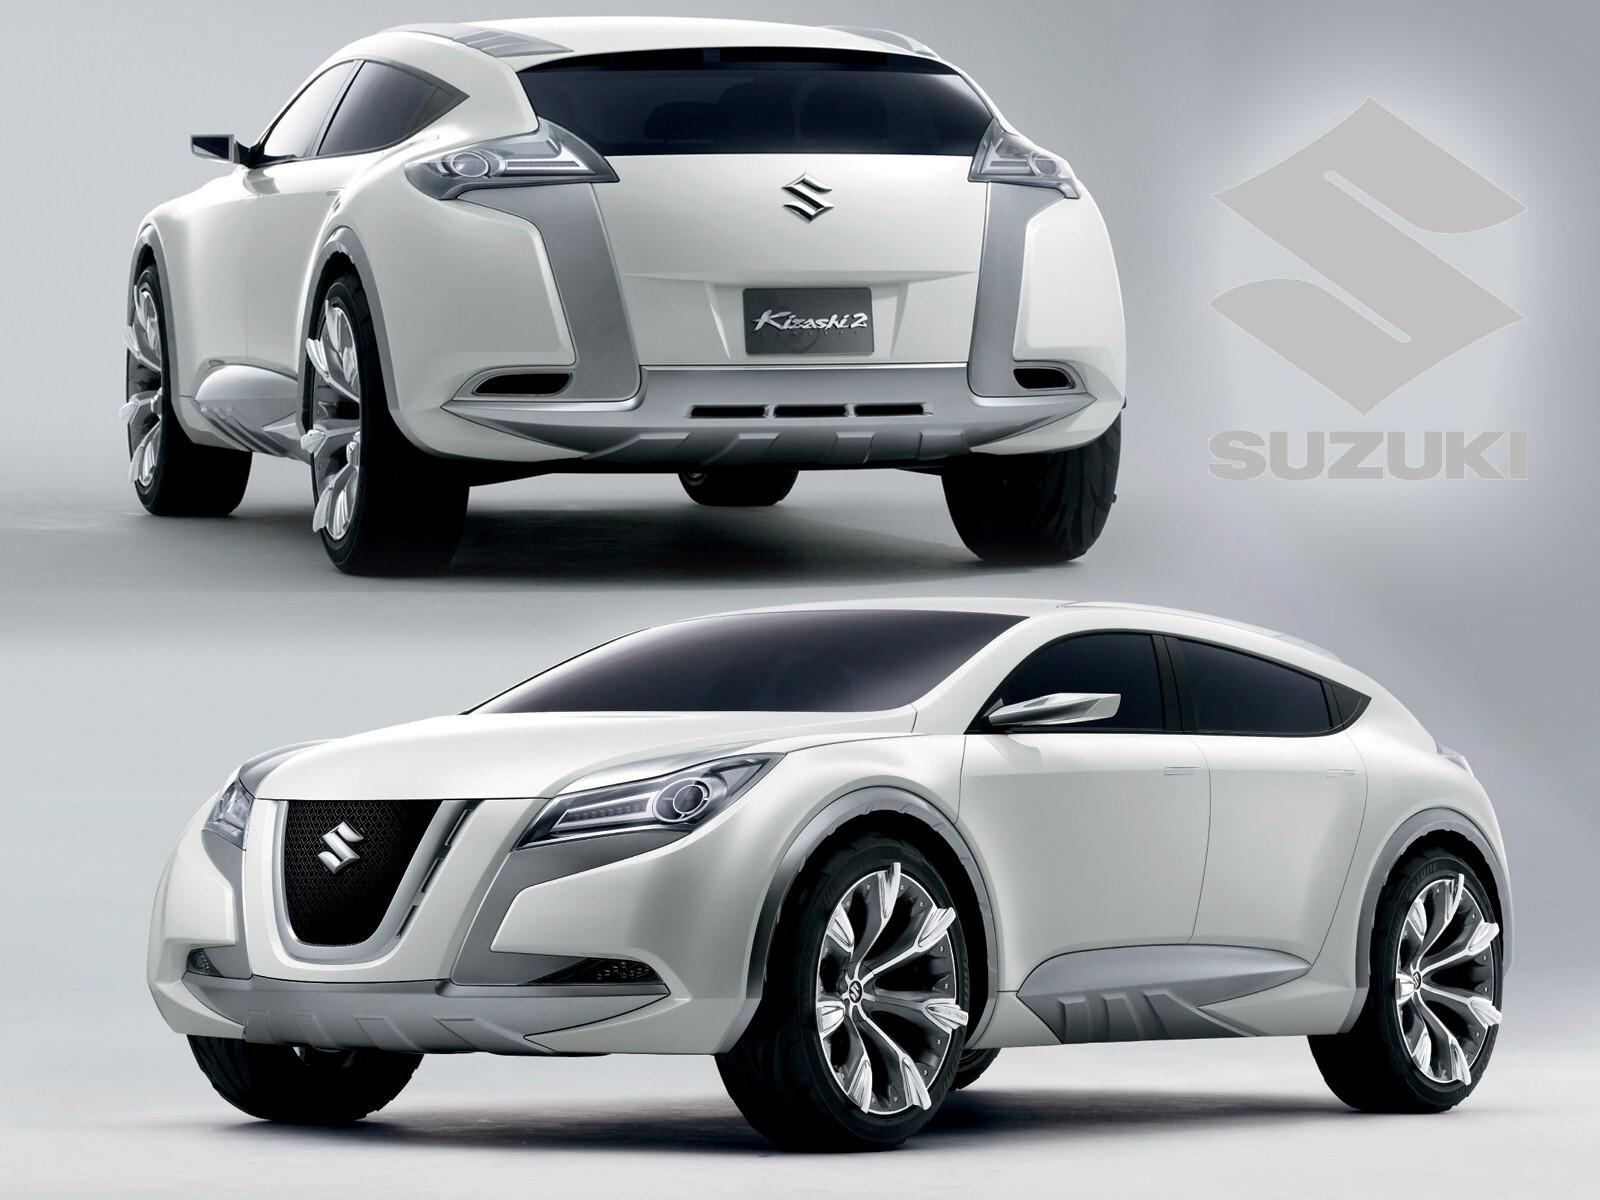 Suzuki Kizashi 2 Concept Car